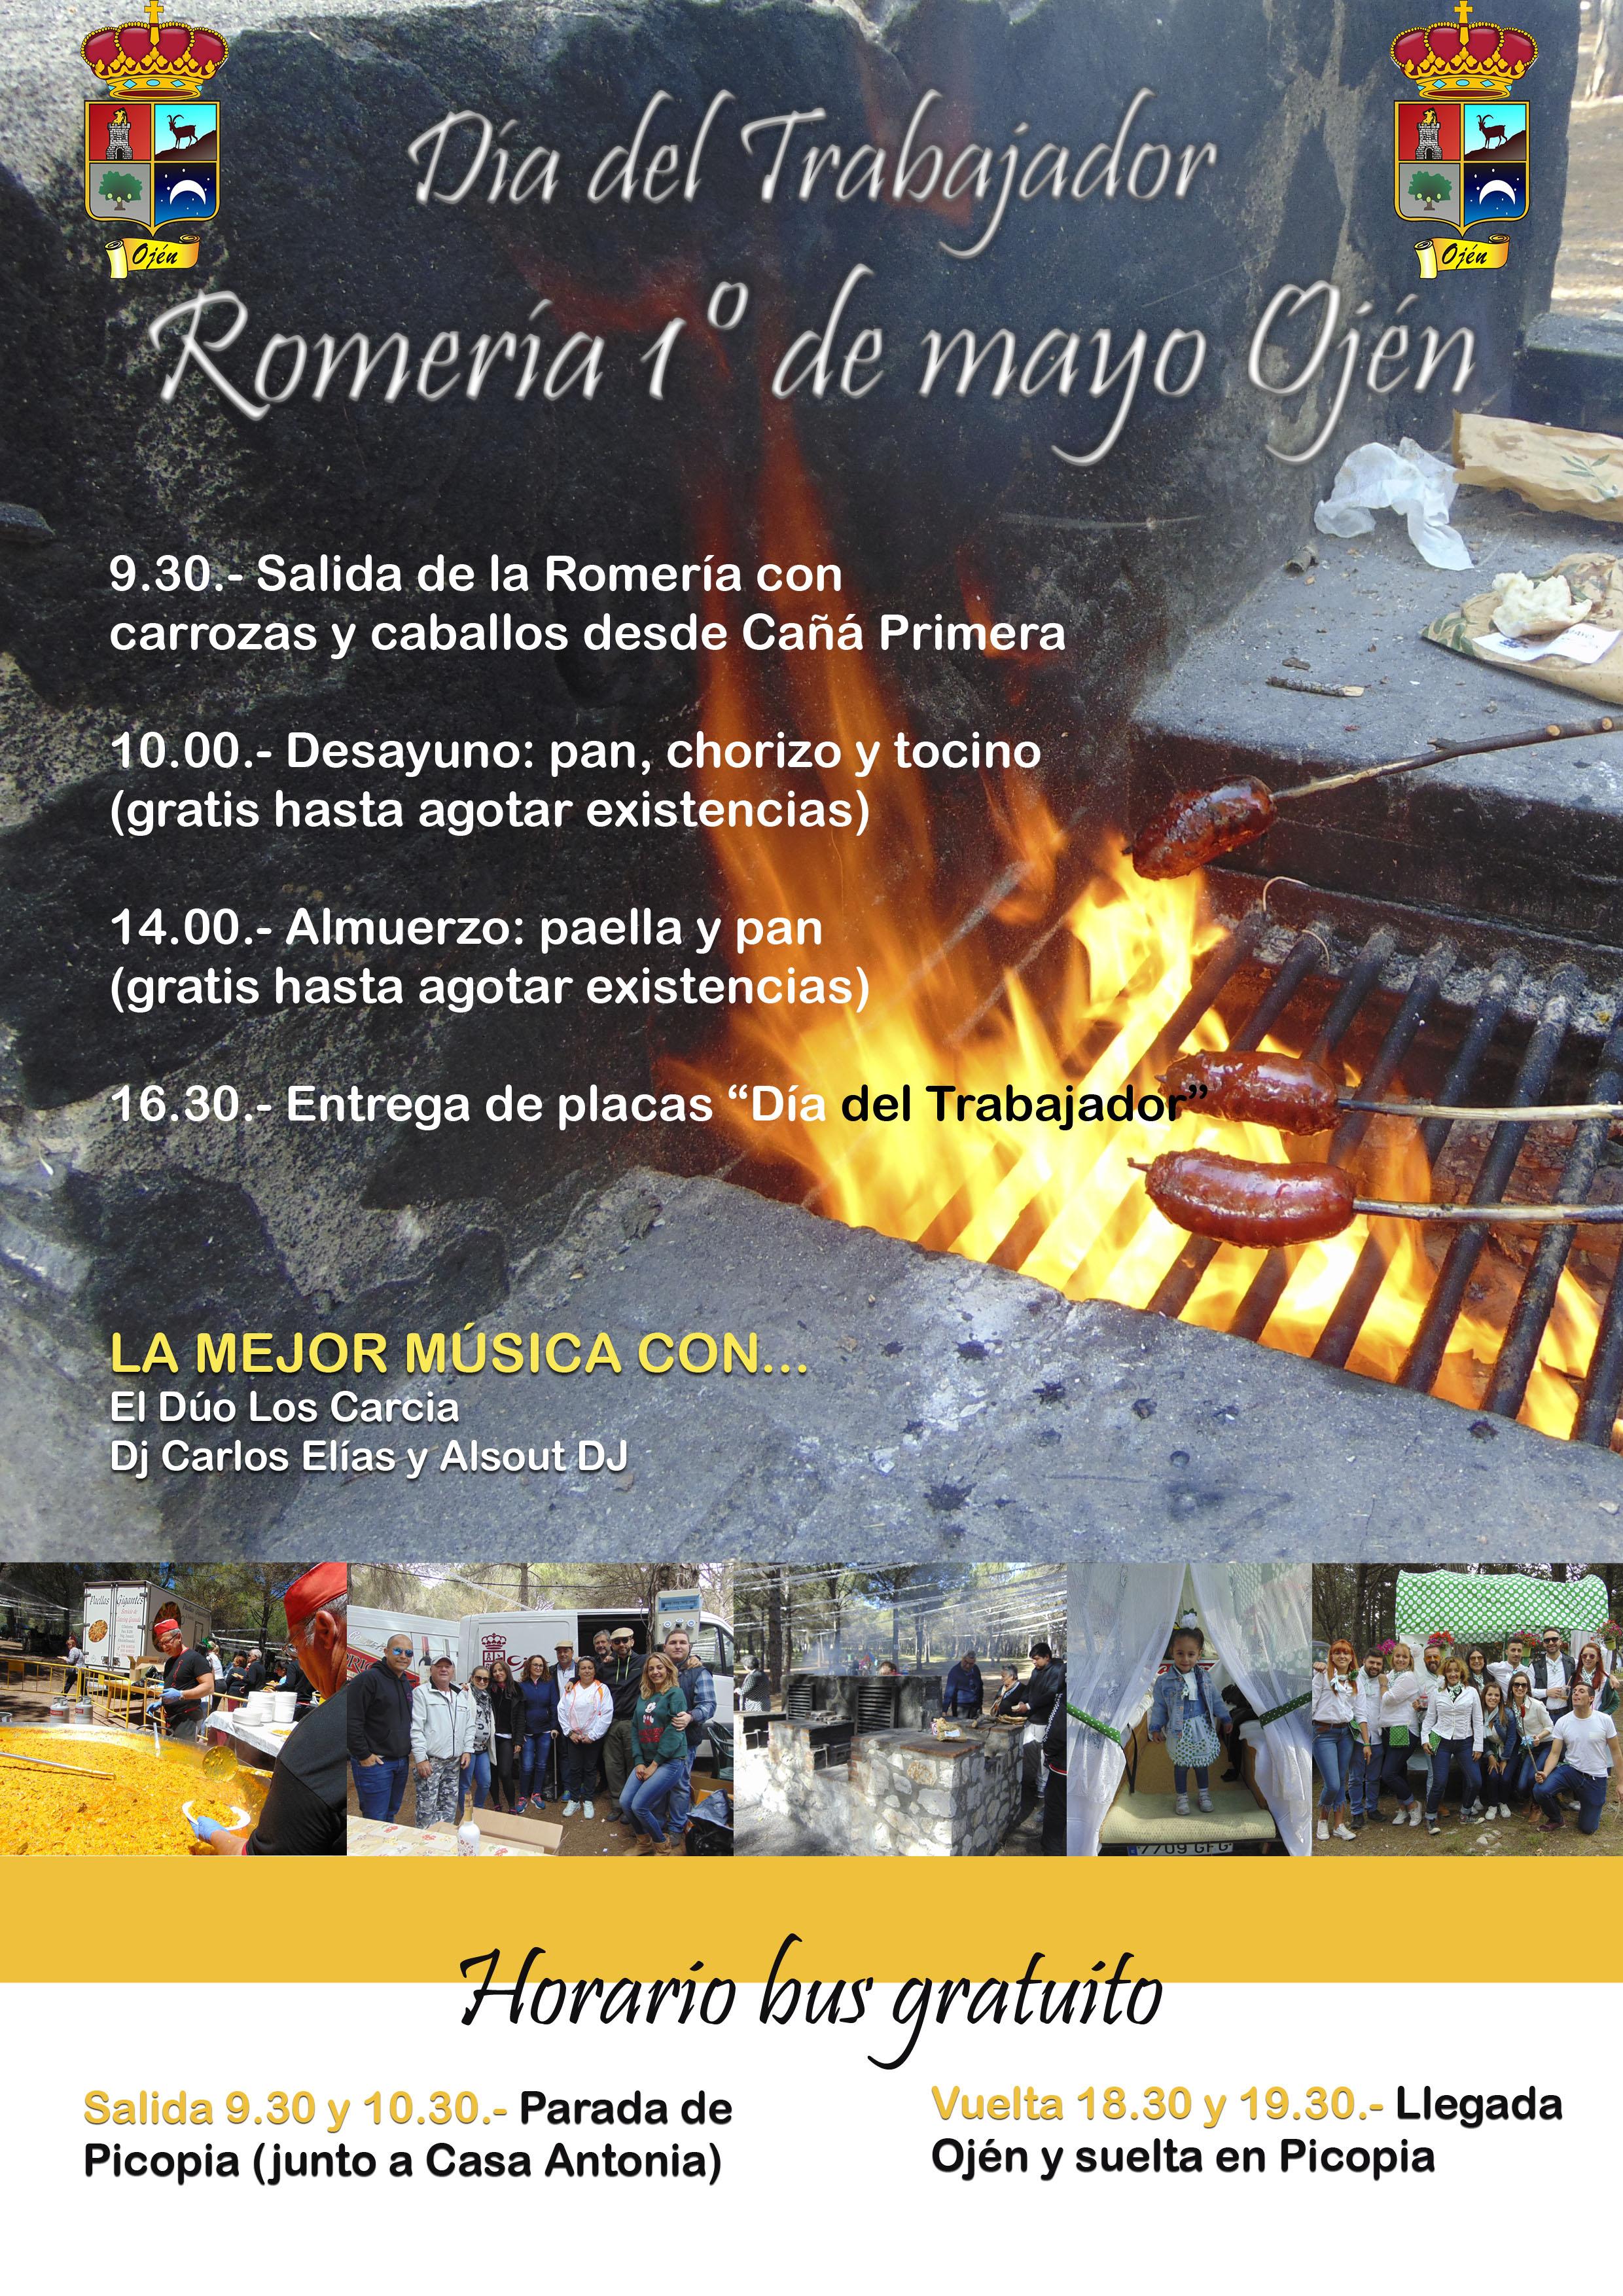 Romeria 1 mayo